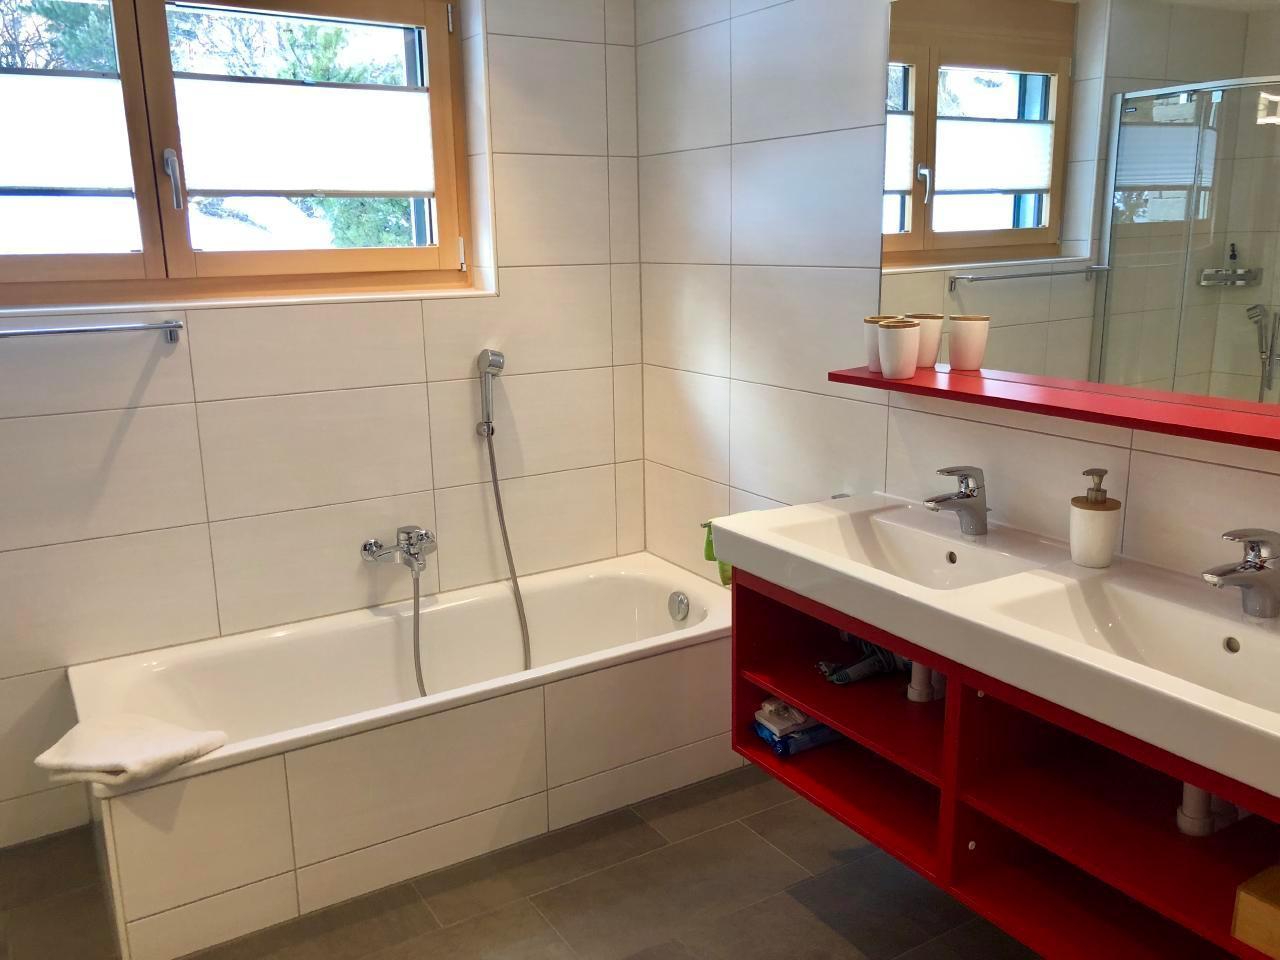 Holiday apartment Aiolos Apartments 6 Personen (468317), Zermatt, Zermatt, Valais, Switzerland, picture 9